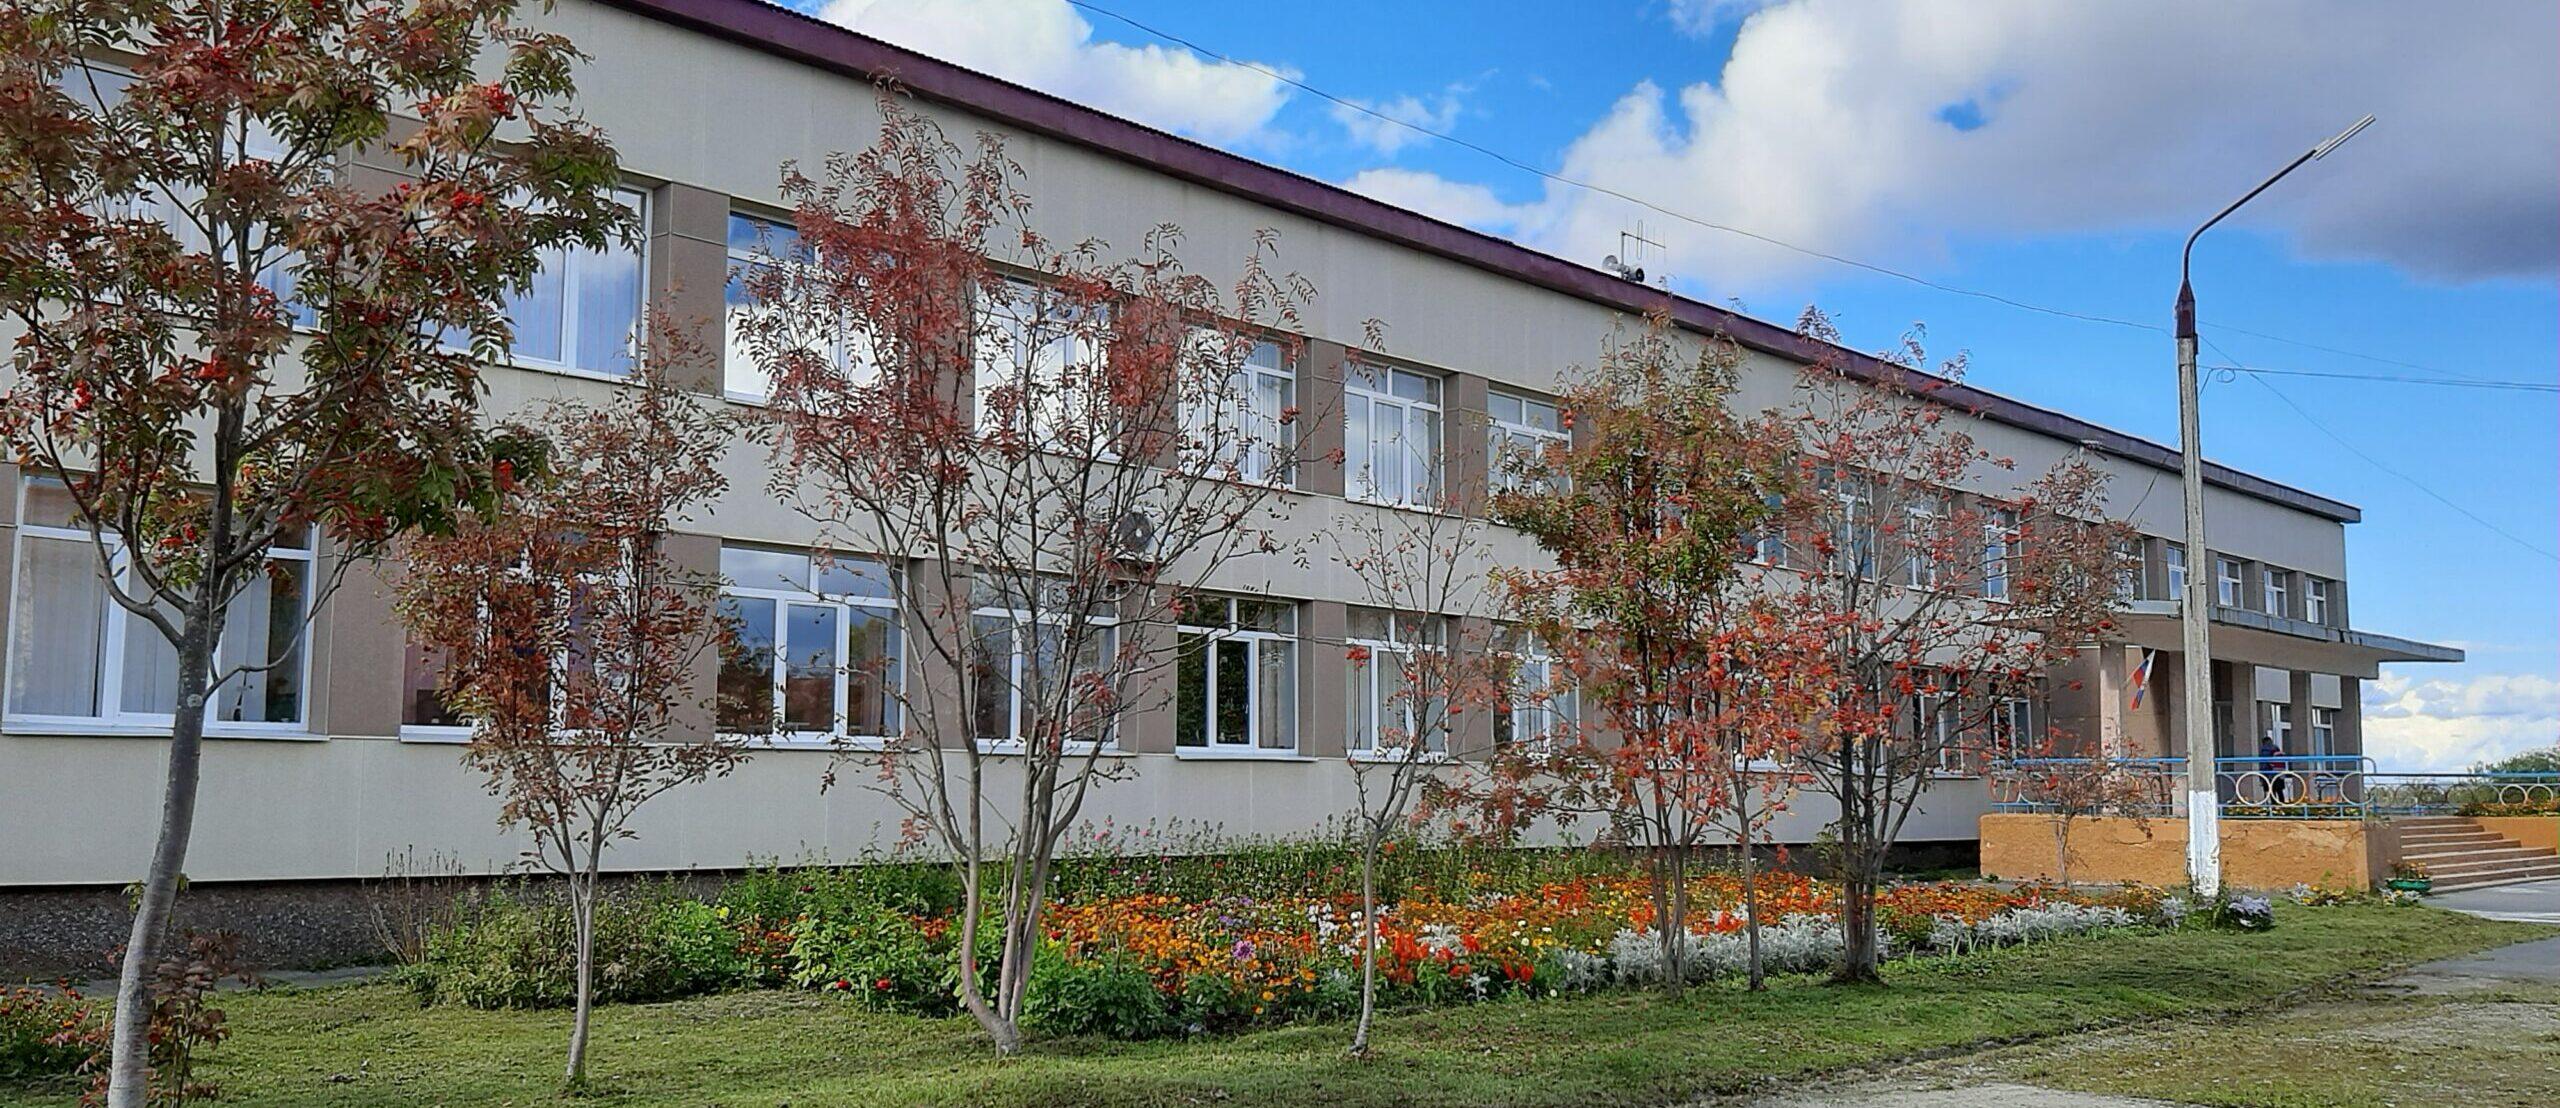 МБОУ «Средняя общеобразовательная школа № 4 с. Таранай»